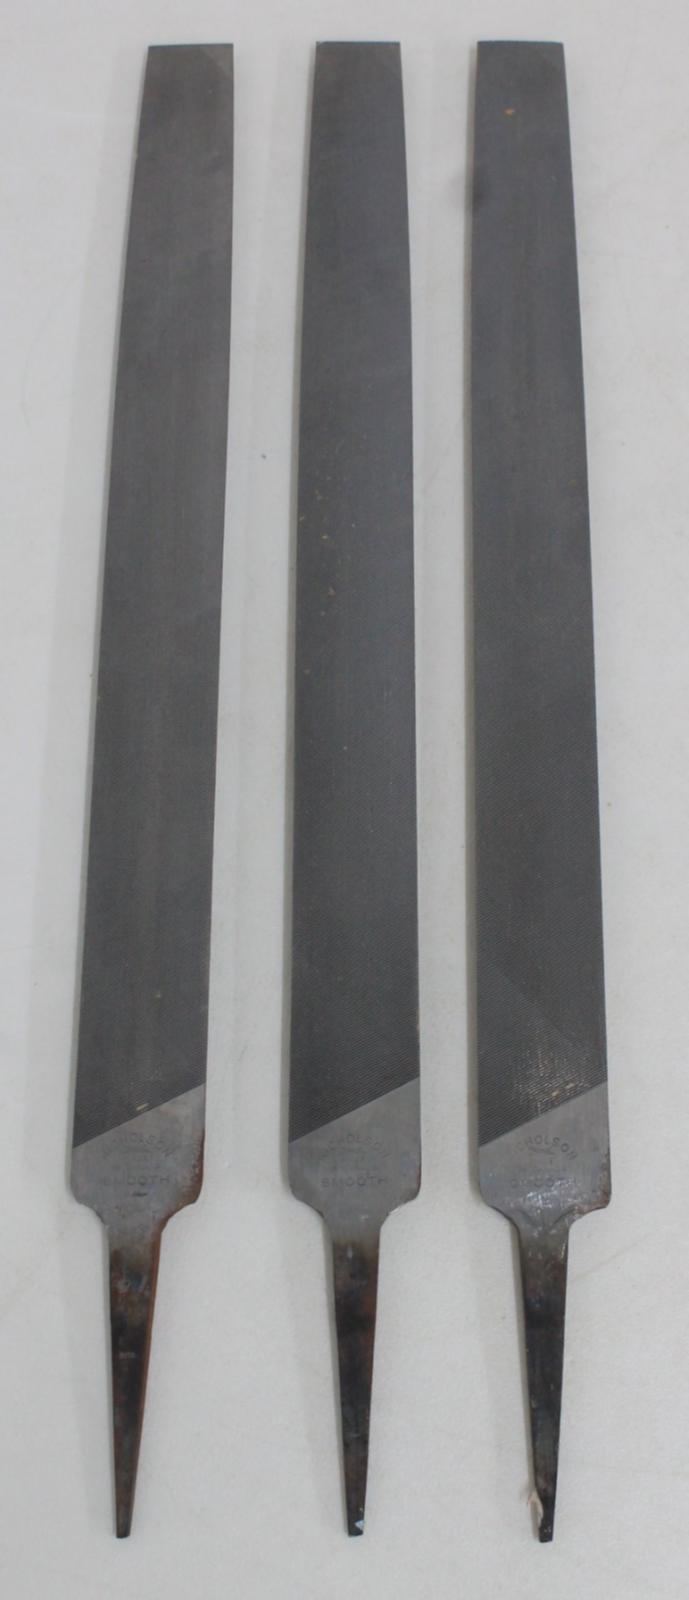 3-X-trabajo-de-madera-y-metal-Nicholson-Medio-Redondo-14-034-archivos-de-mano-corte-suave-30mm miniatura 10